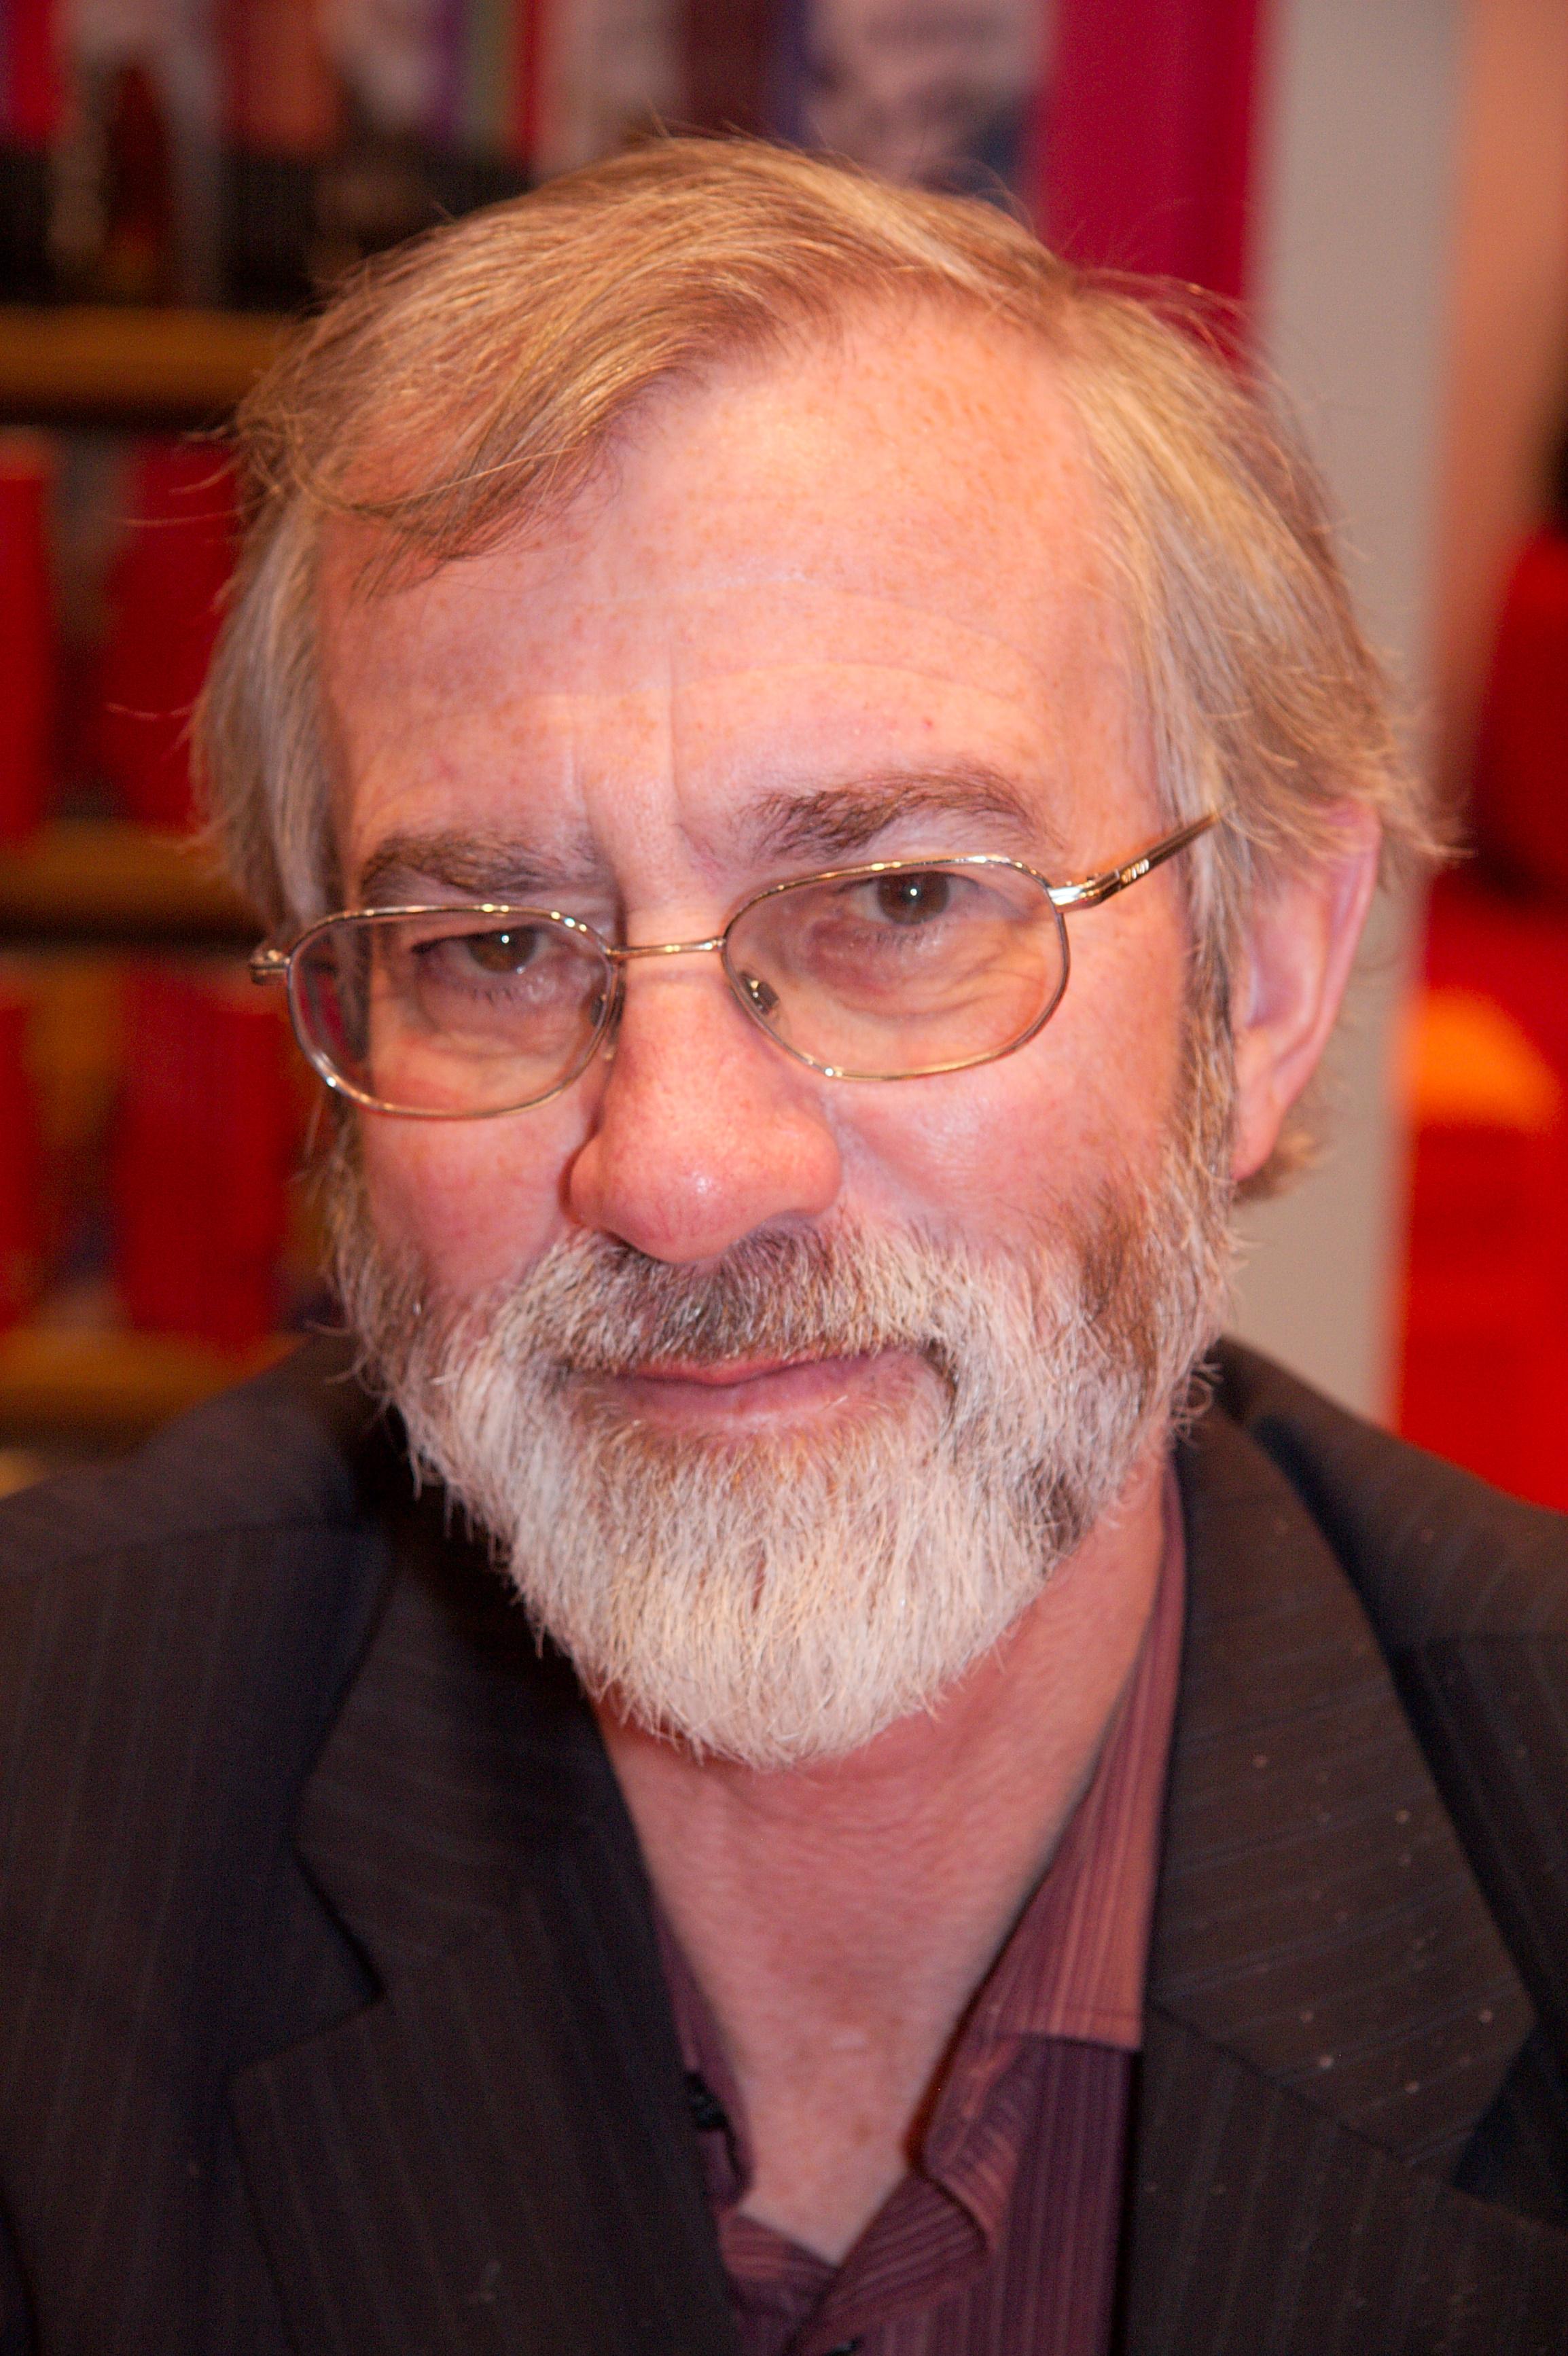 Delaney at Salon du livre 2008 (Paris, France)